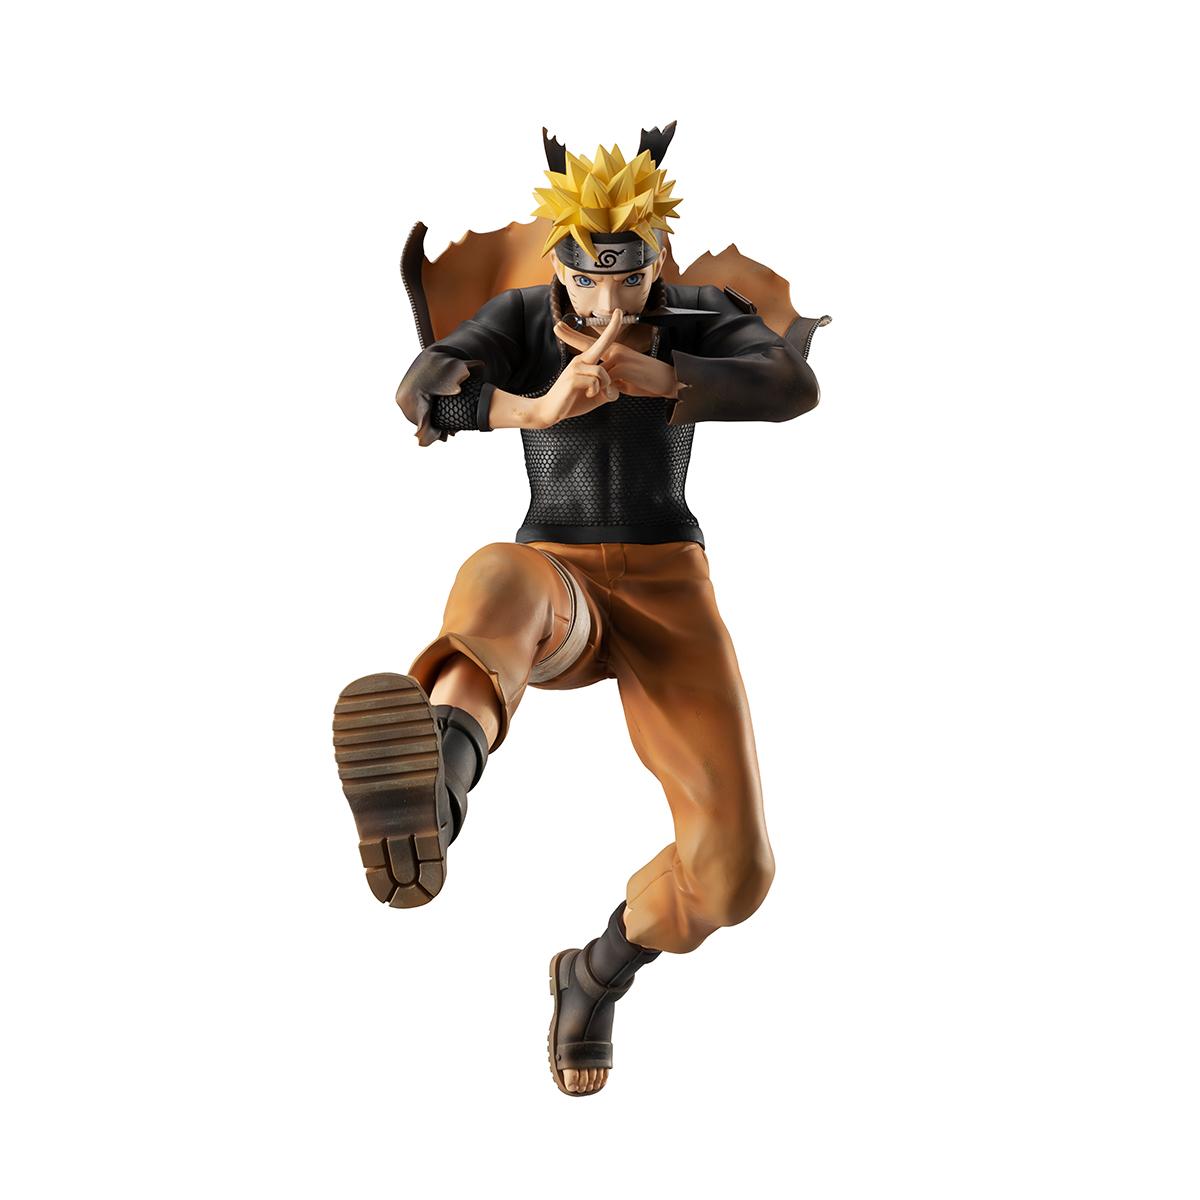 Naruto-Uzumaki-collectibles